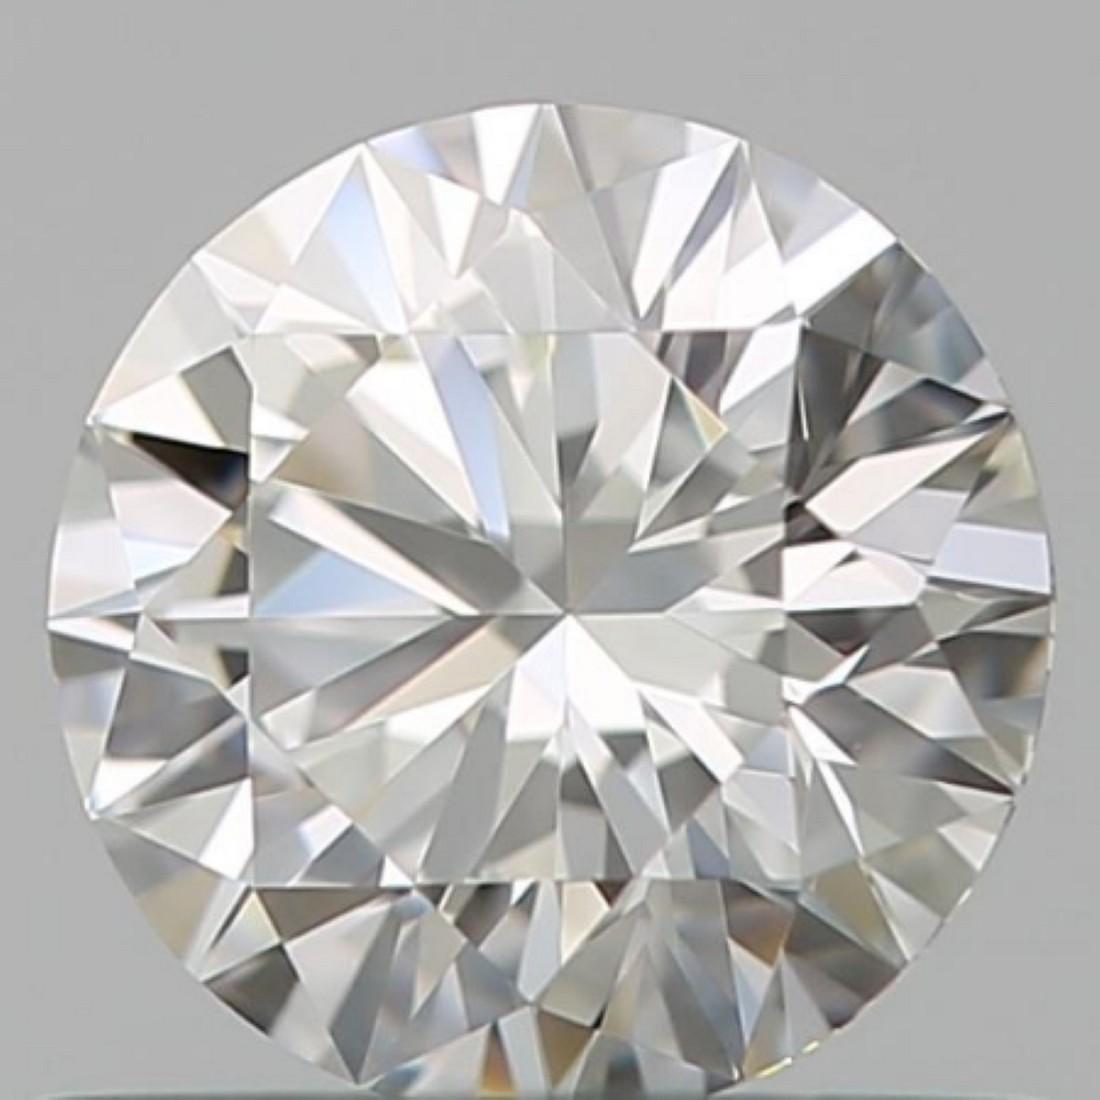 GIA CERT 0.30 CTW ROUND DIAMOND DVVS1